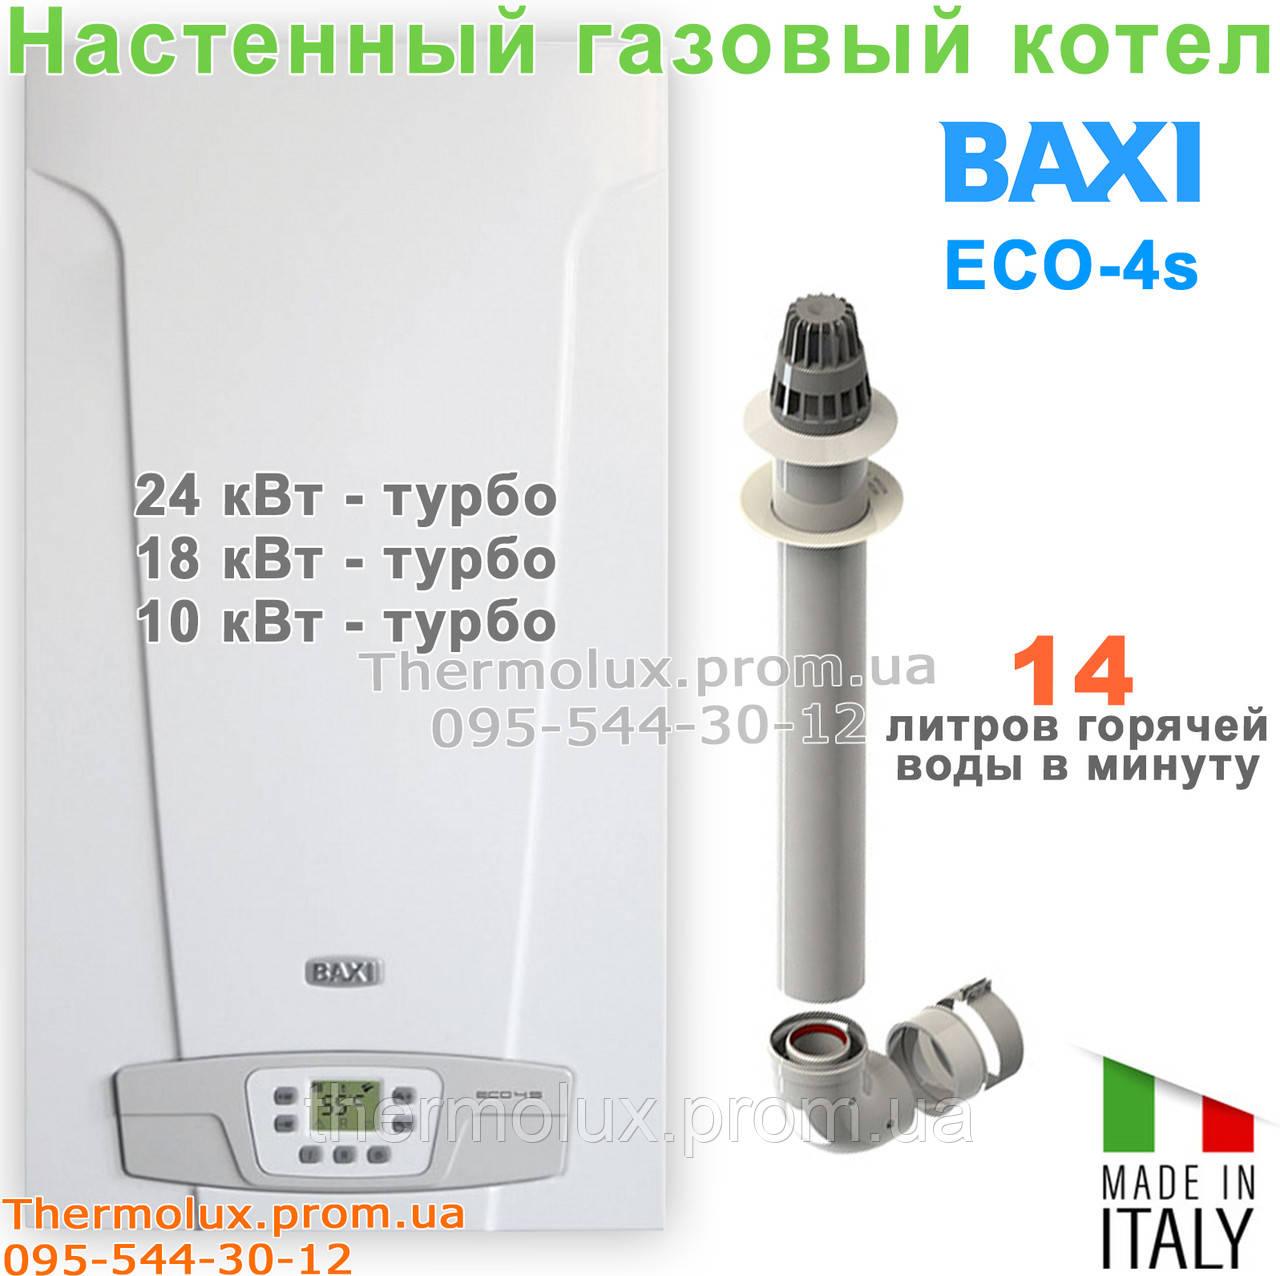 Baxi ECO 4S 24F турбо газовый настенный двухконтурный котел (Италия) - Интернет-магазин Thermolux.prom.ua - котлы, колонки, водонагреватели, радиаторы, стабилизаторы в Харькове